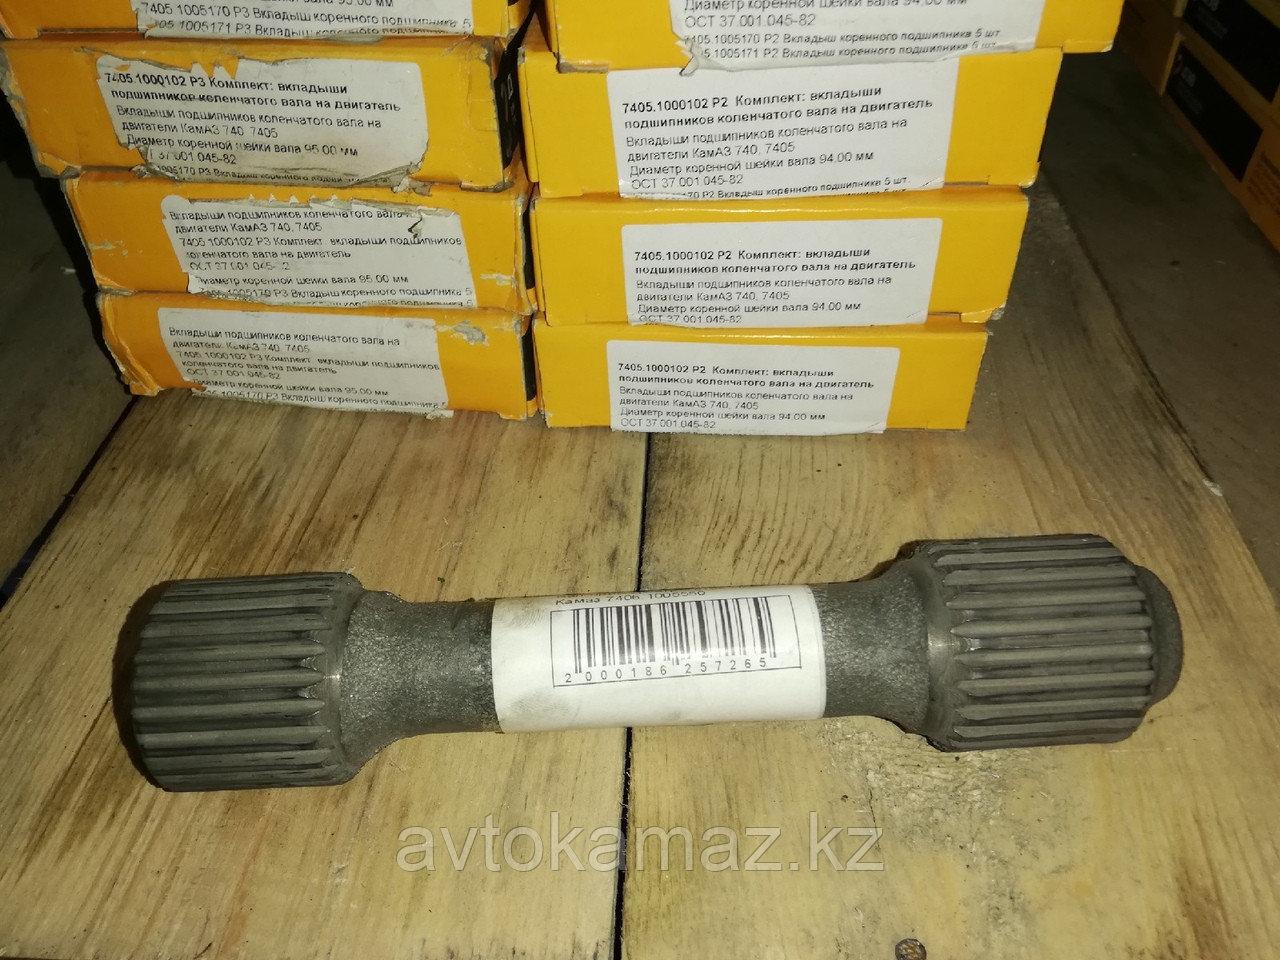 7406.1005550 - Вал привода агрегатов ПАО Камаз 7406.1005550